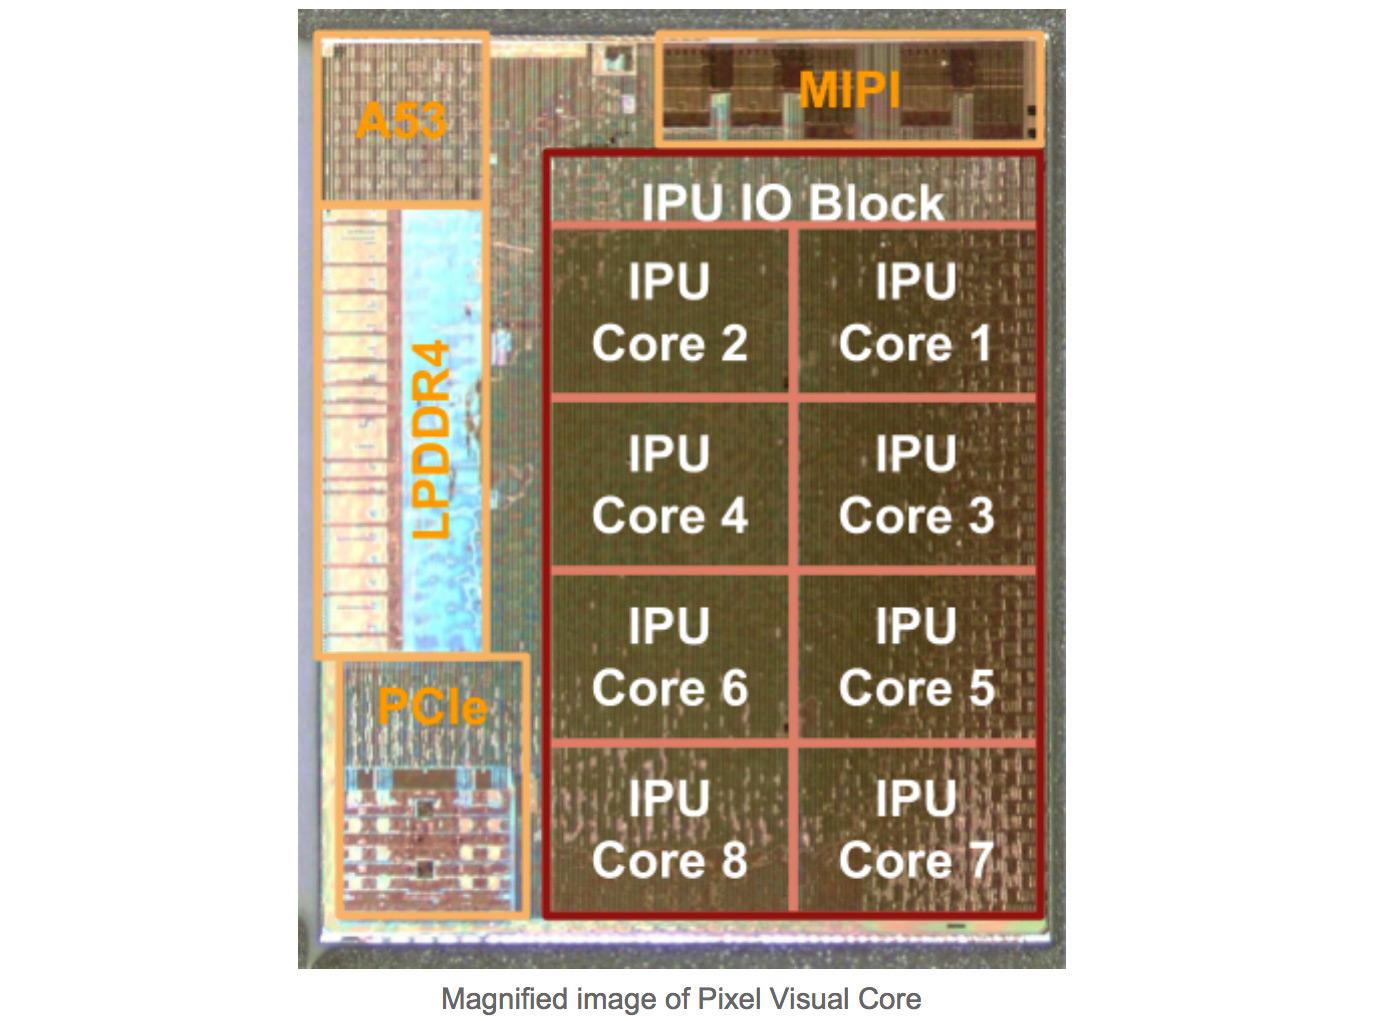 谷歌自研SoC芯片成功流片,首发明年Pixel新机